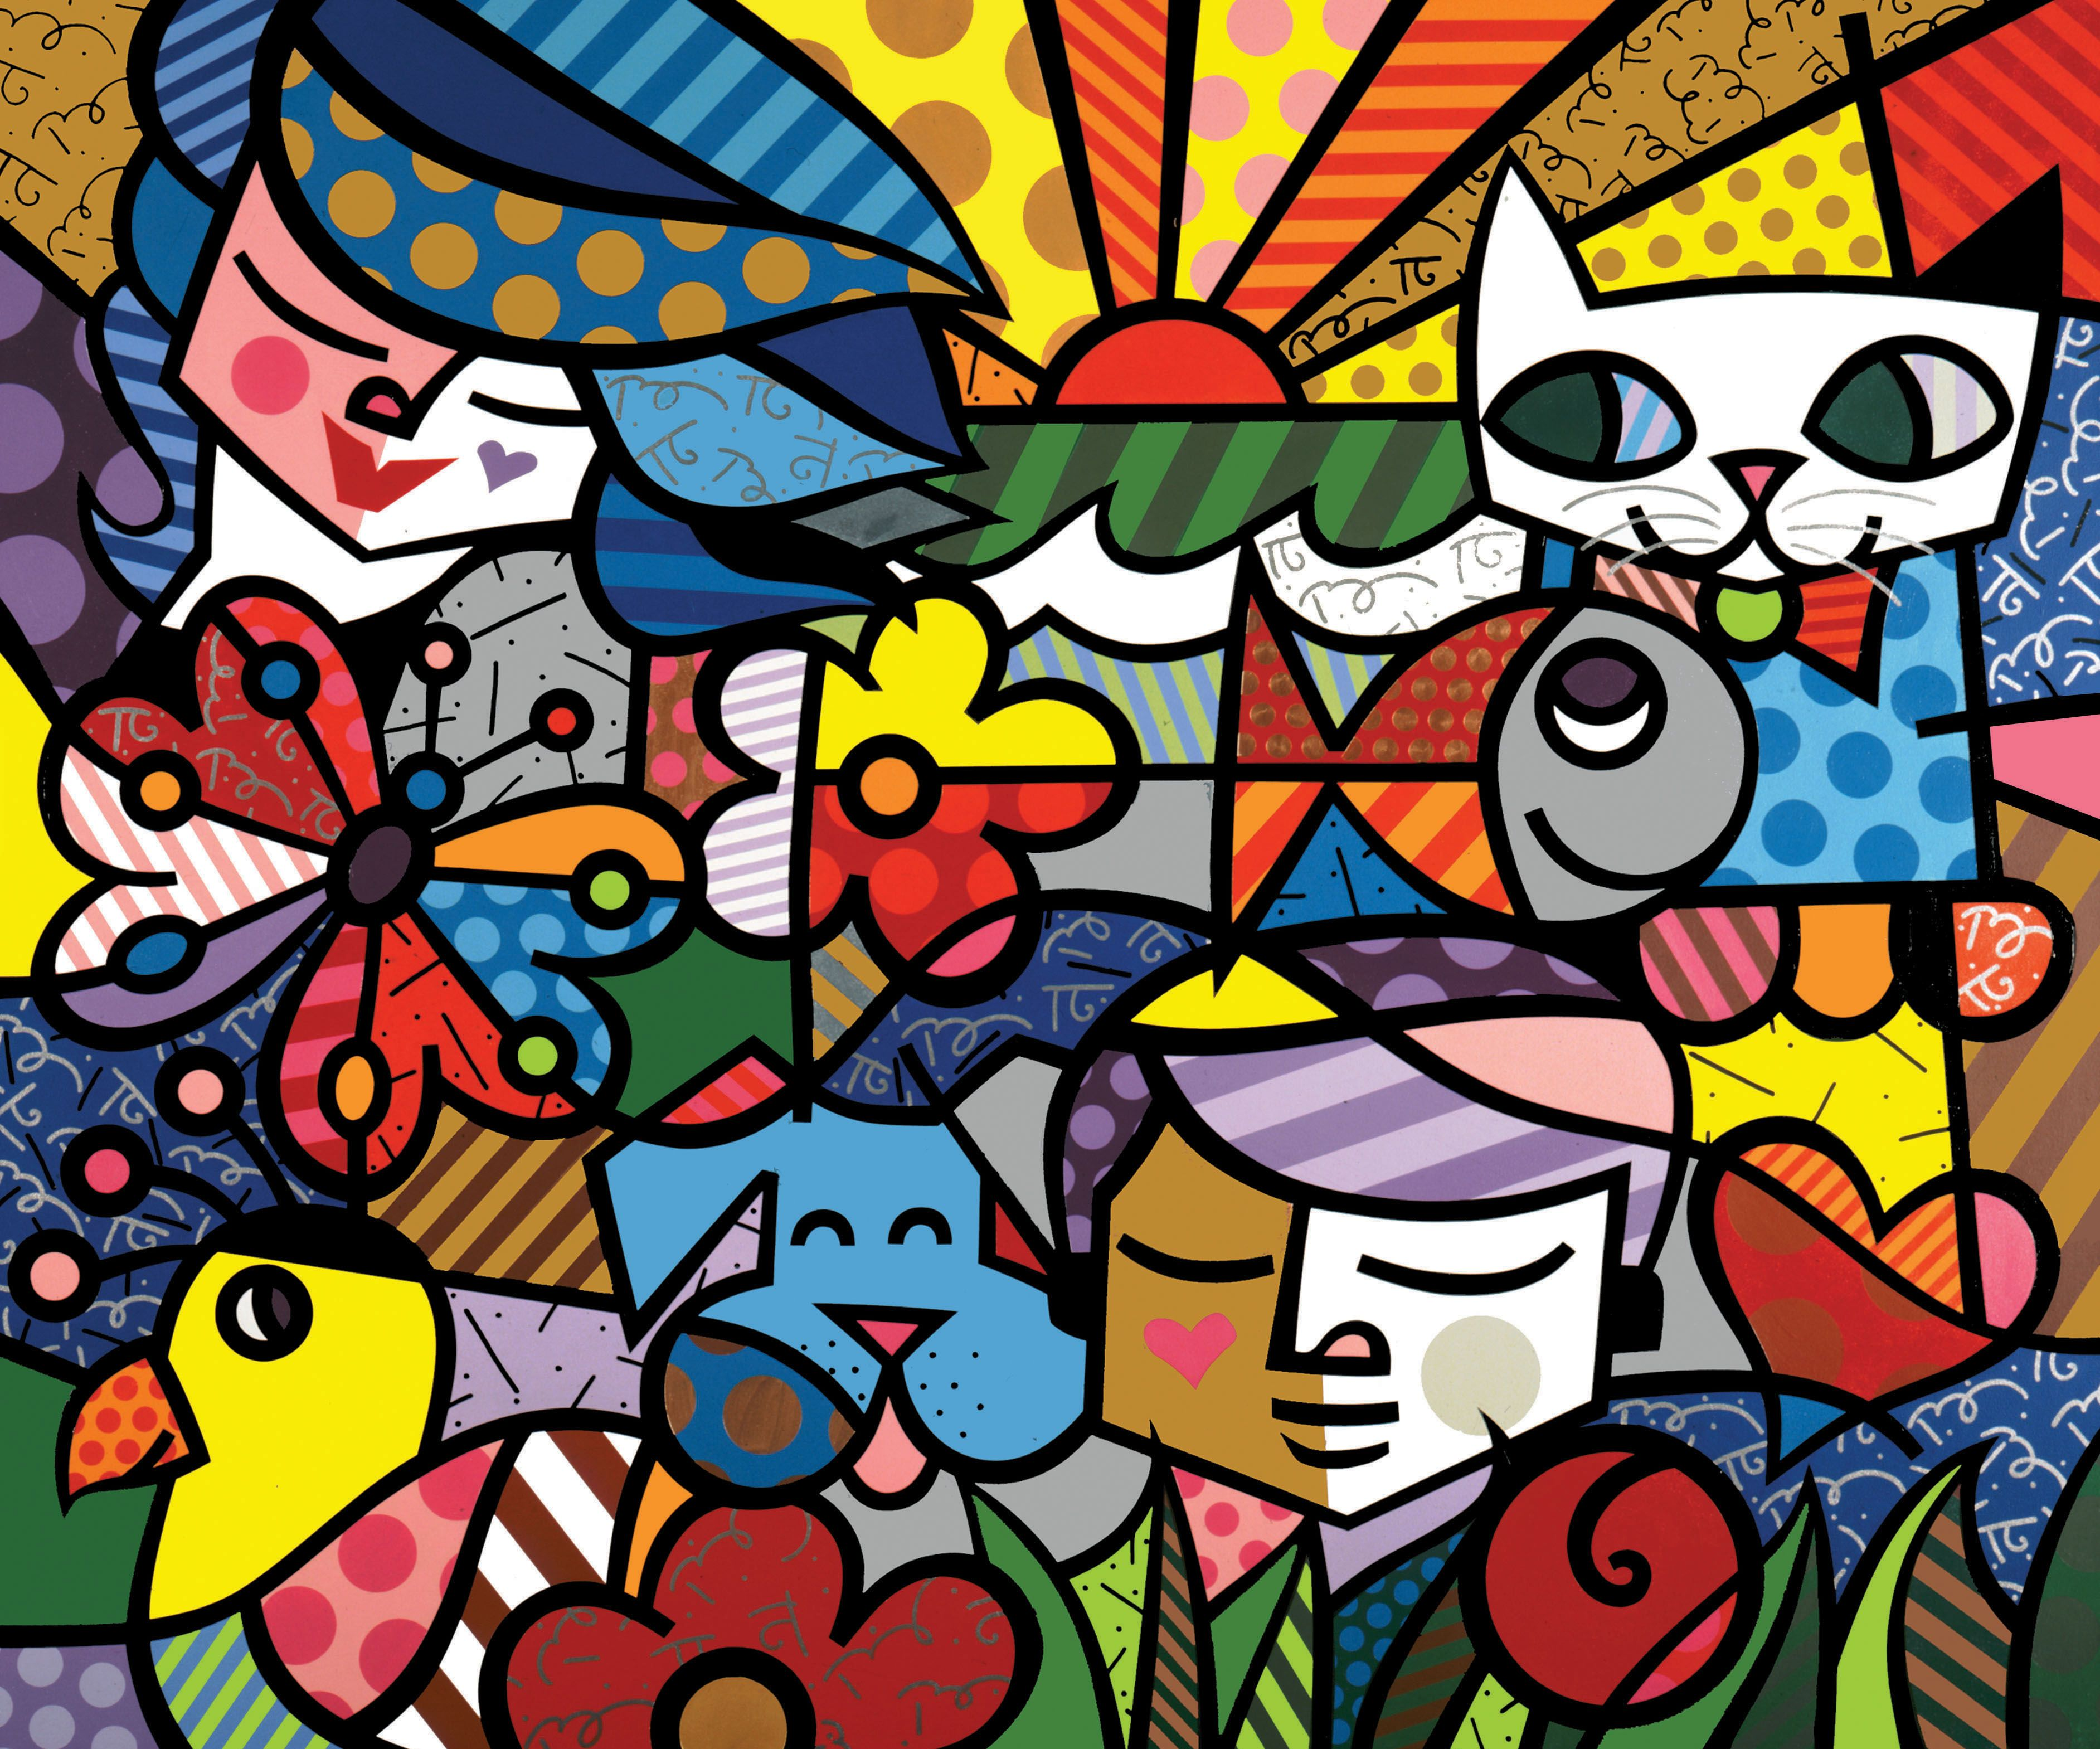 Fantastic Wallpaper Mac Artsy - 1e1f9ccc4813c5b880d4a36cc8baebc7  Graphic_263553.jpg